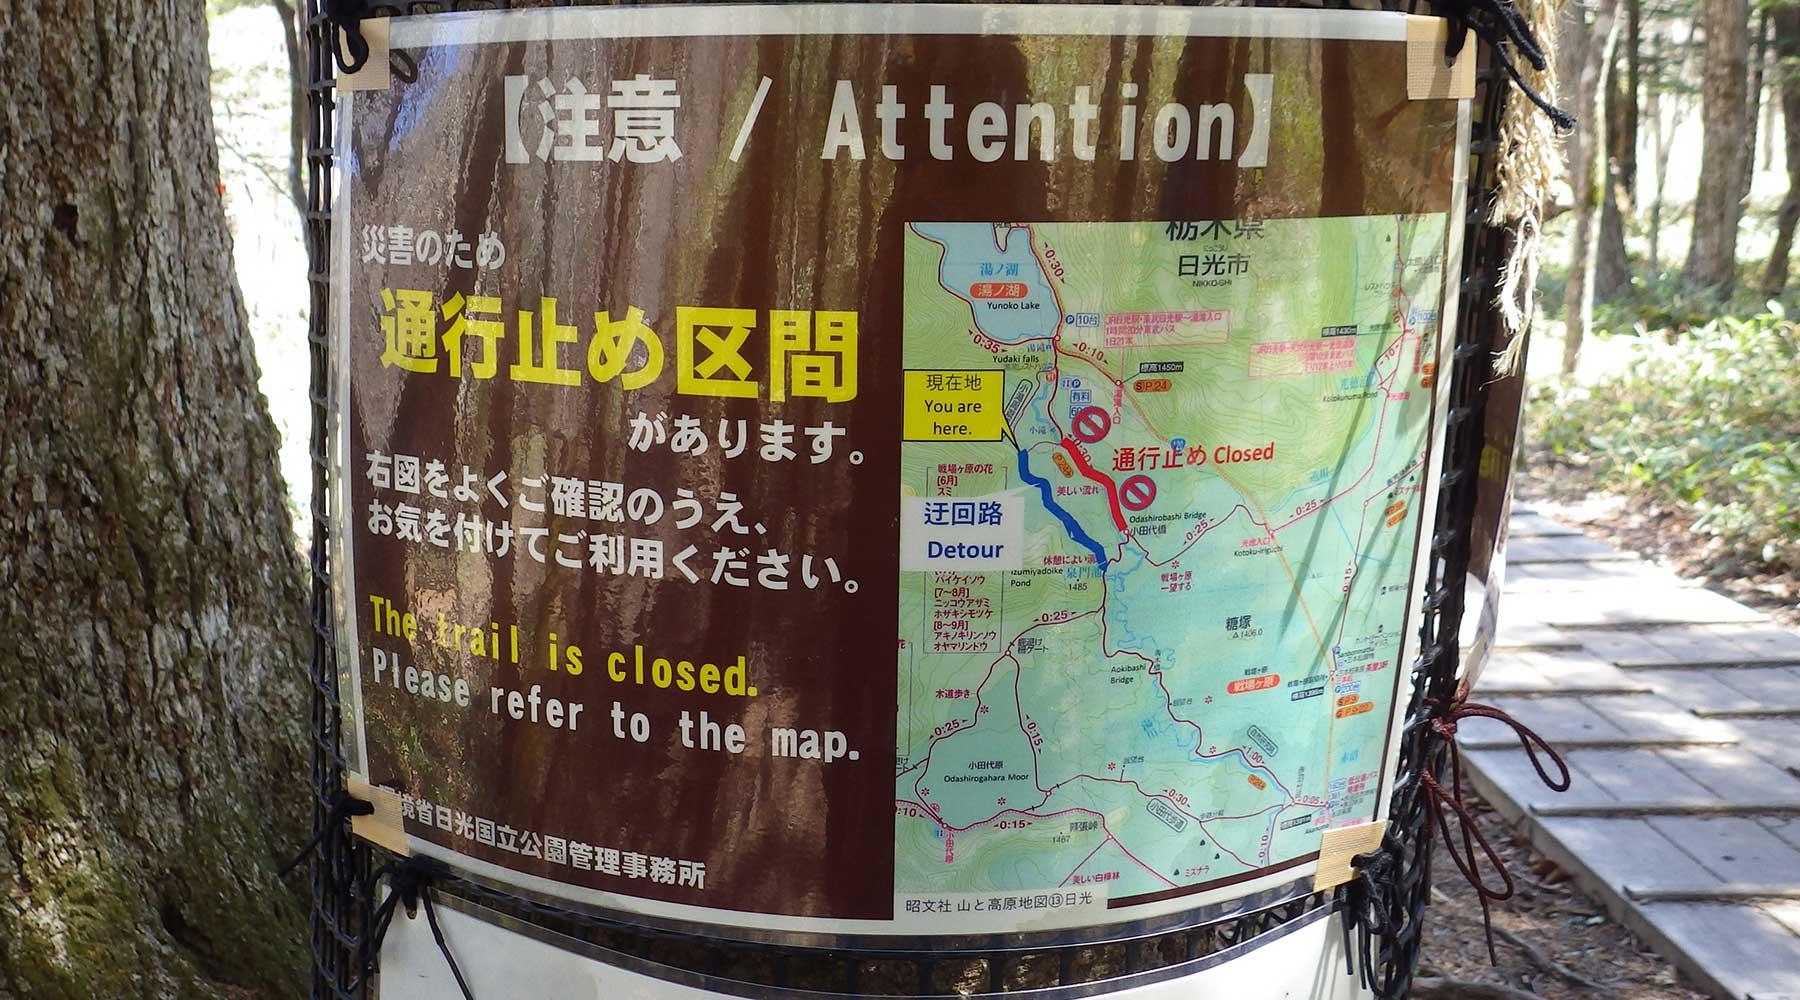 小滝~小田代橋間通行止めにとまなう迂回路についてのお知らせ